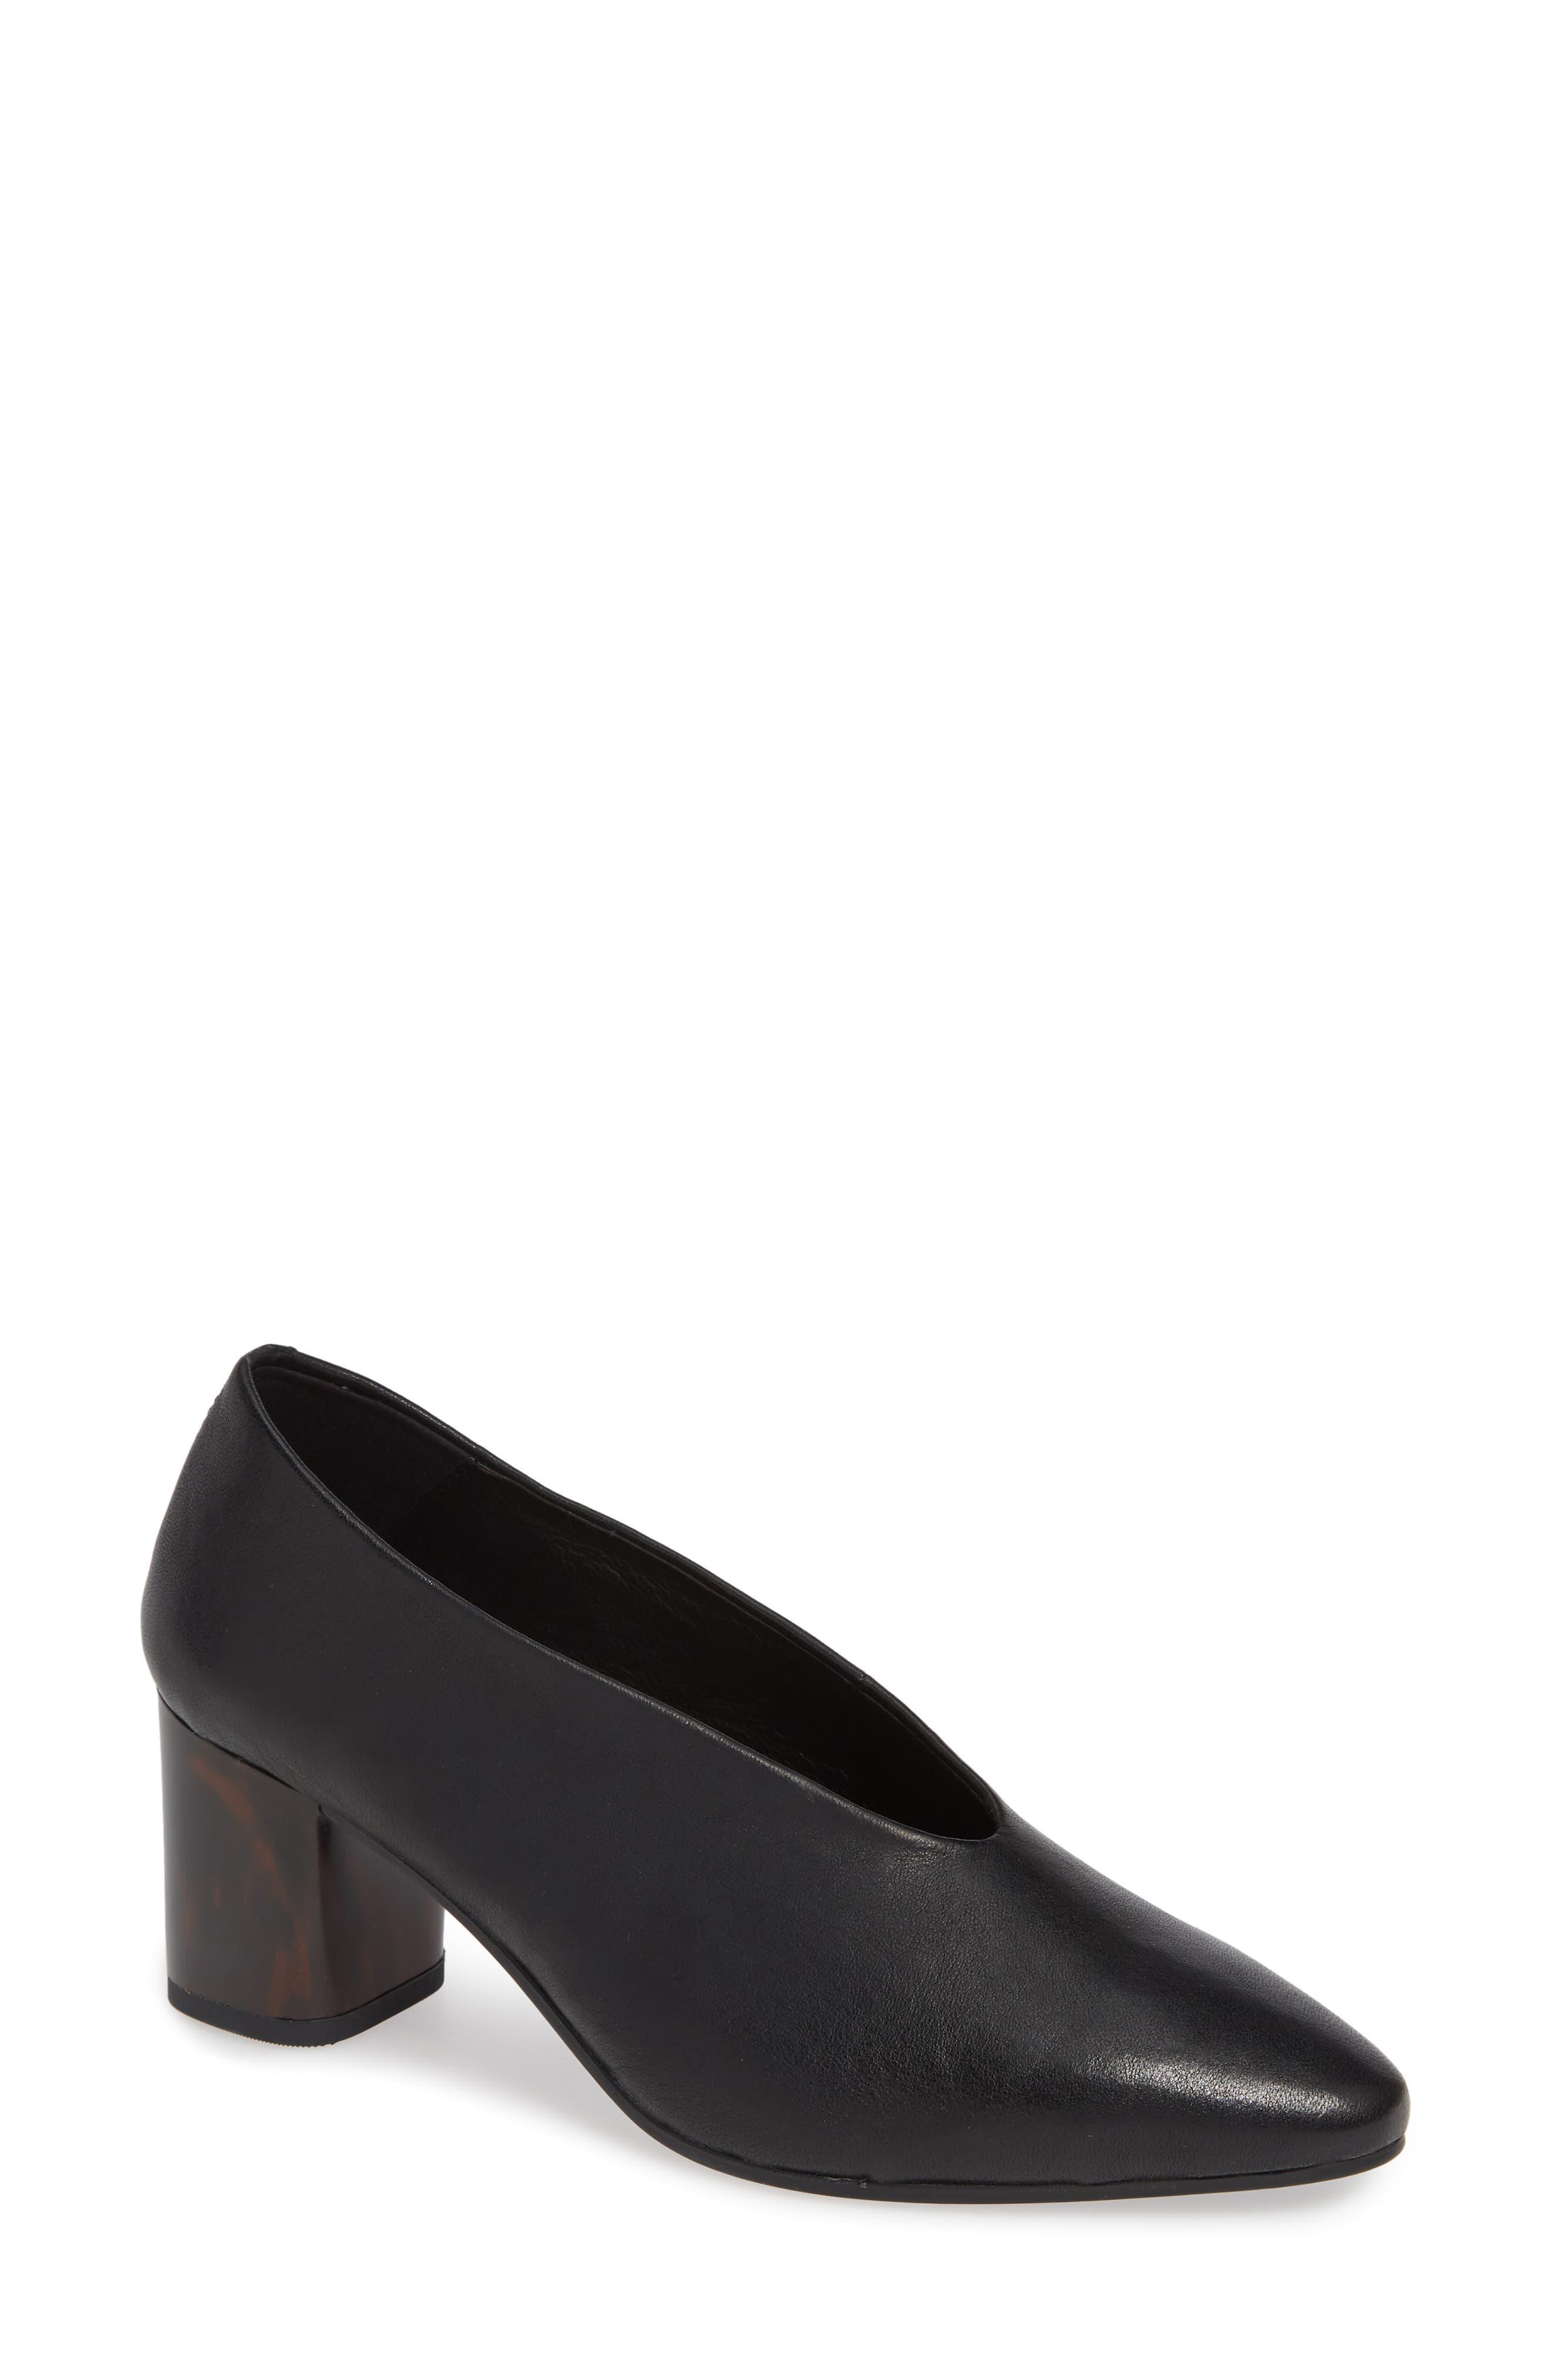 VAGABOND Shoemakers Eve Pump, Main, color, BLACK/ BLACK LEATHER